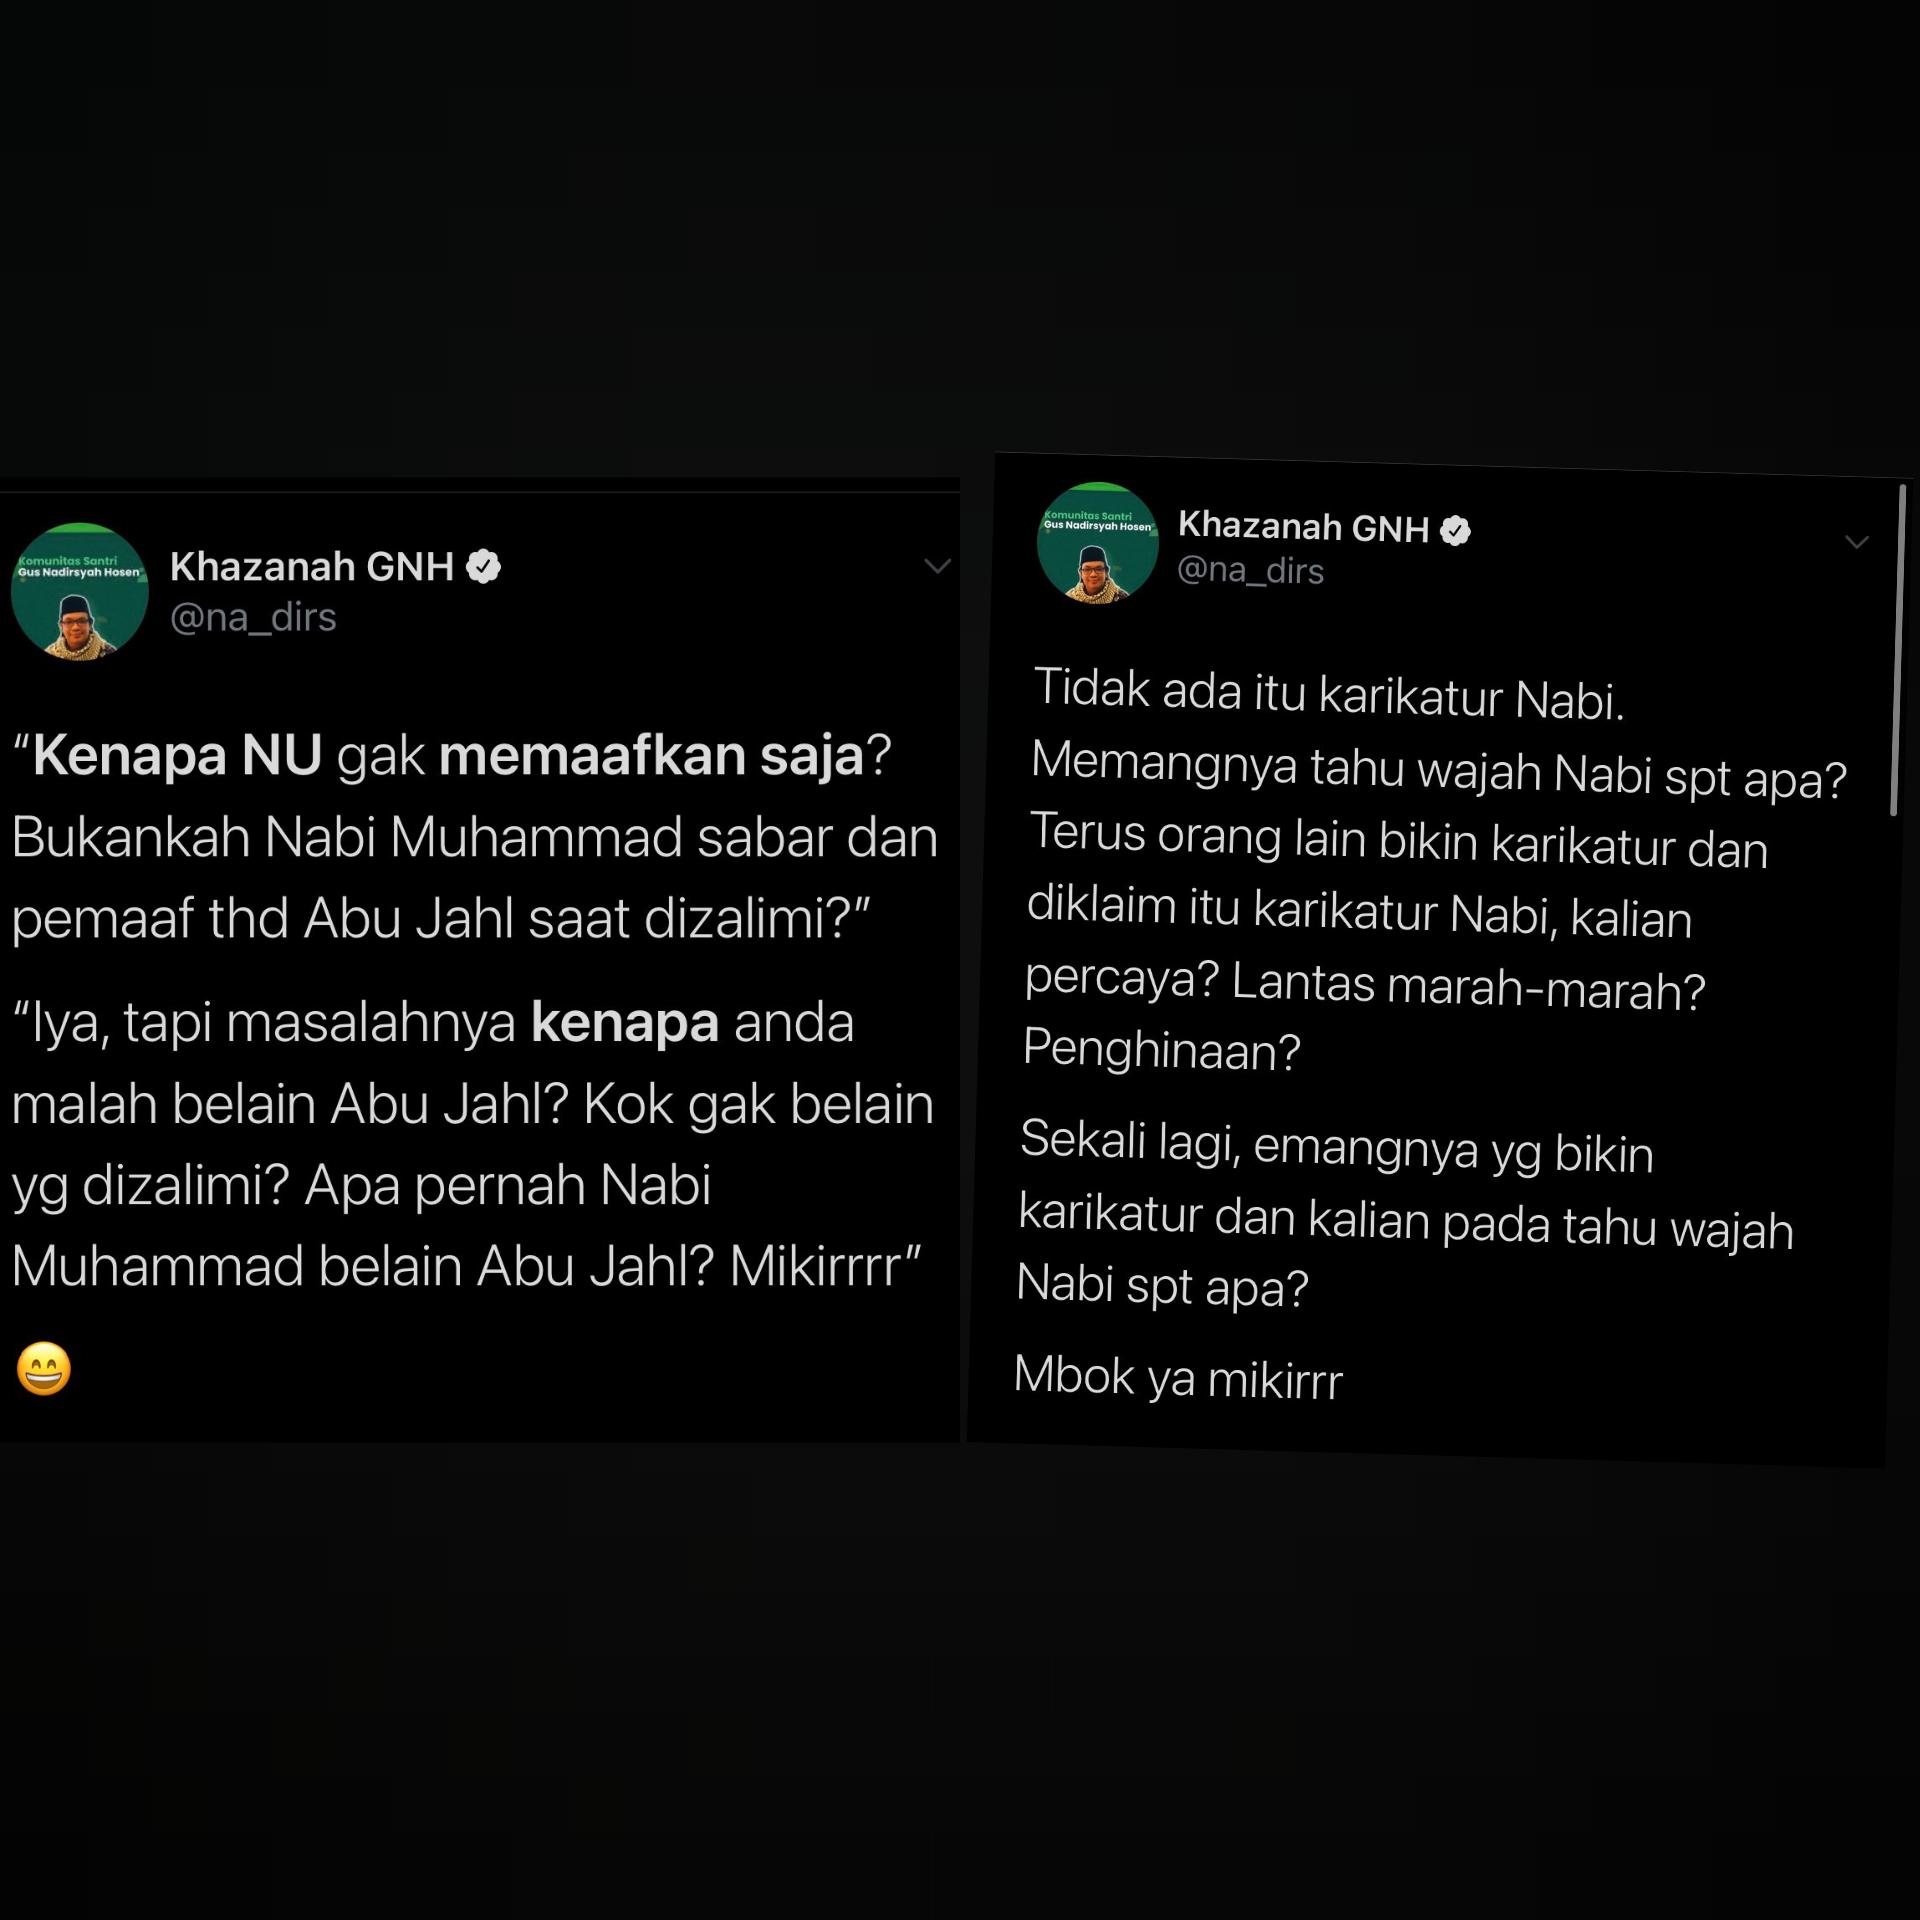 Beda Kicauan Gus Nadir Saat NU Dihina vs Islam Dihina